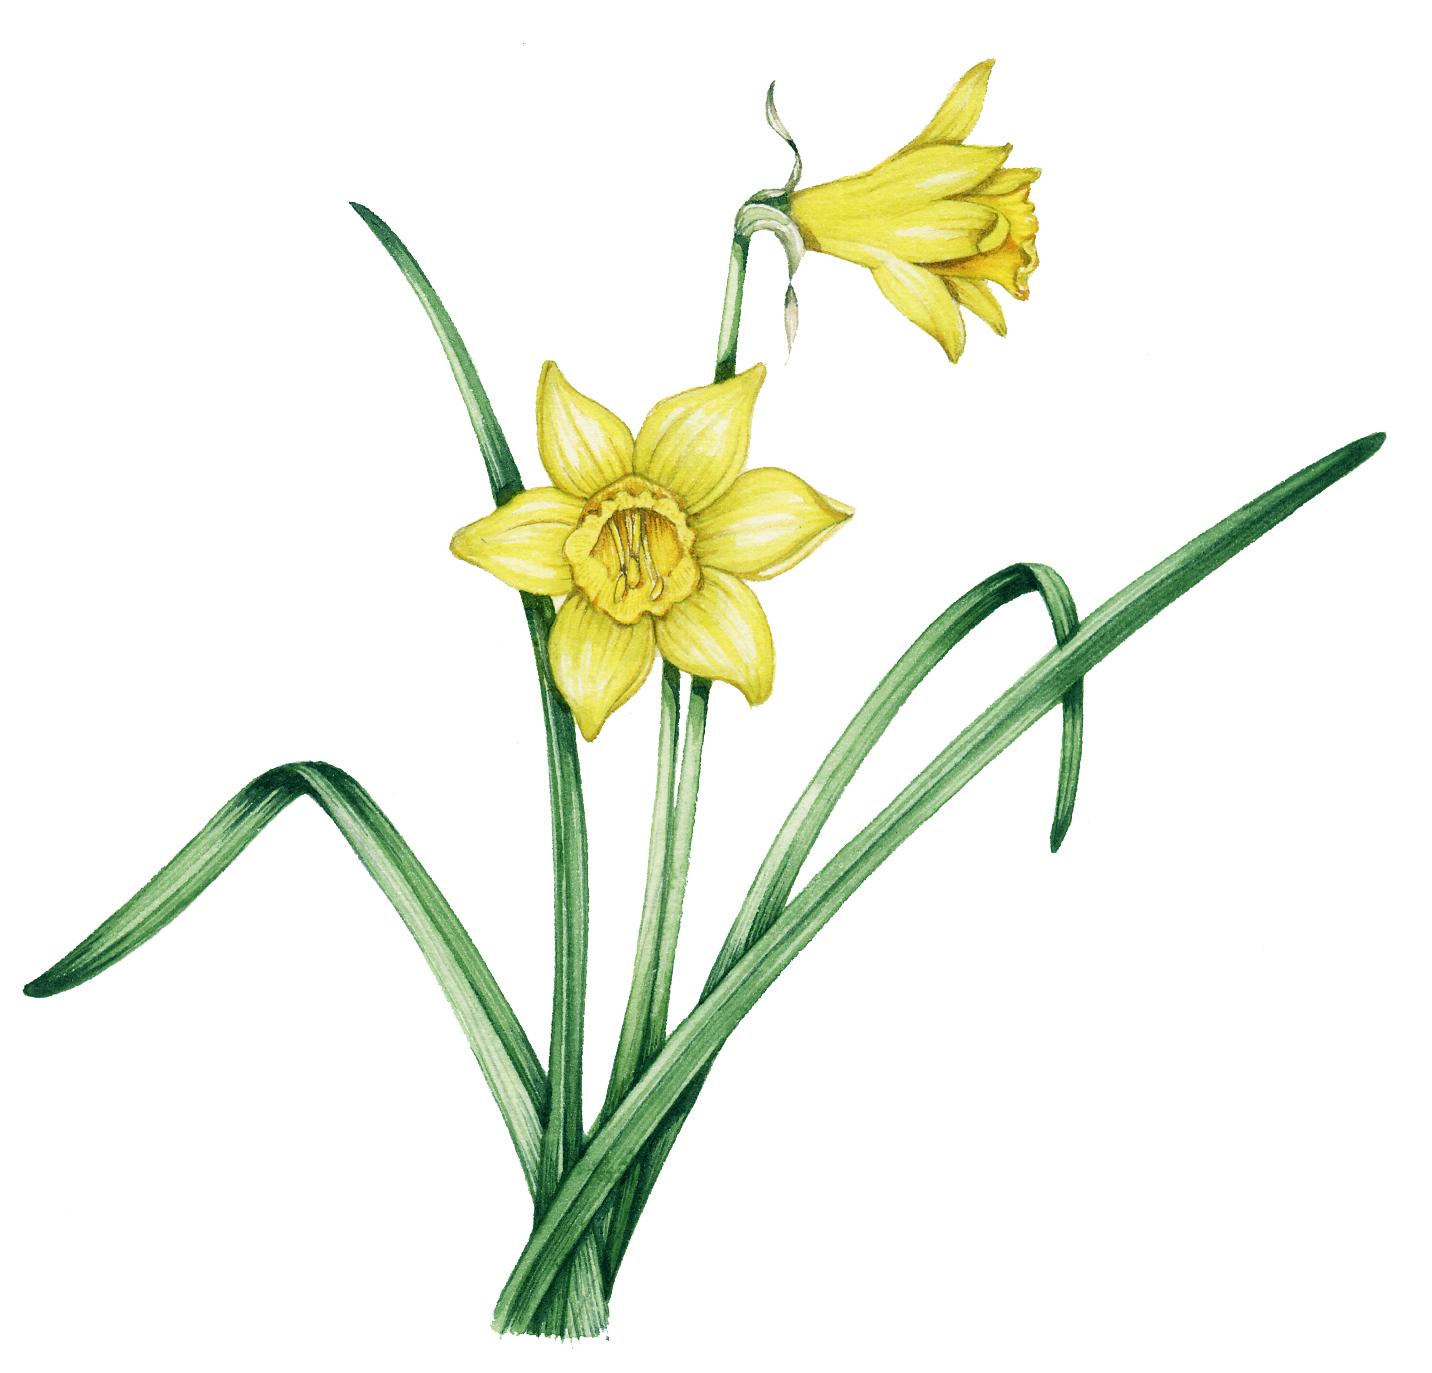 1432x1373 wild daffodil narcissus pseudonarcissus